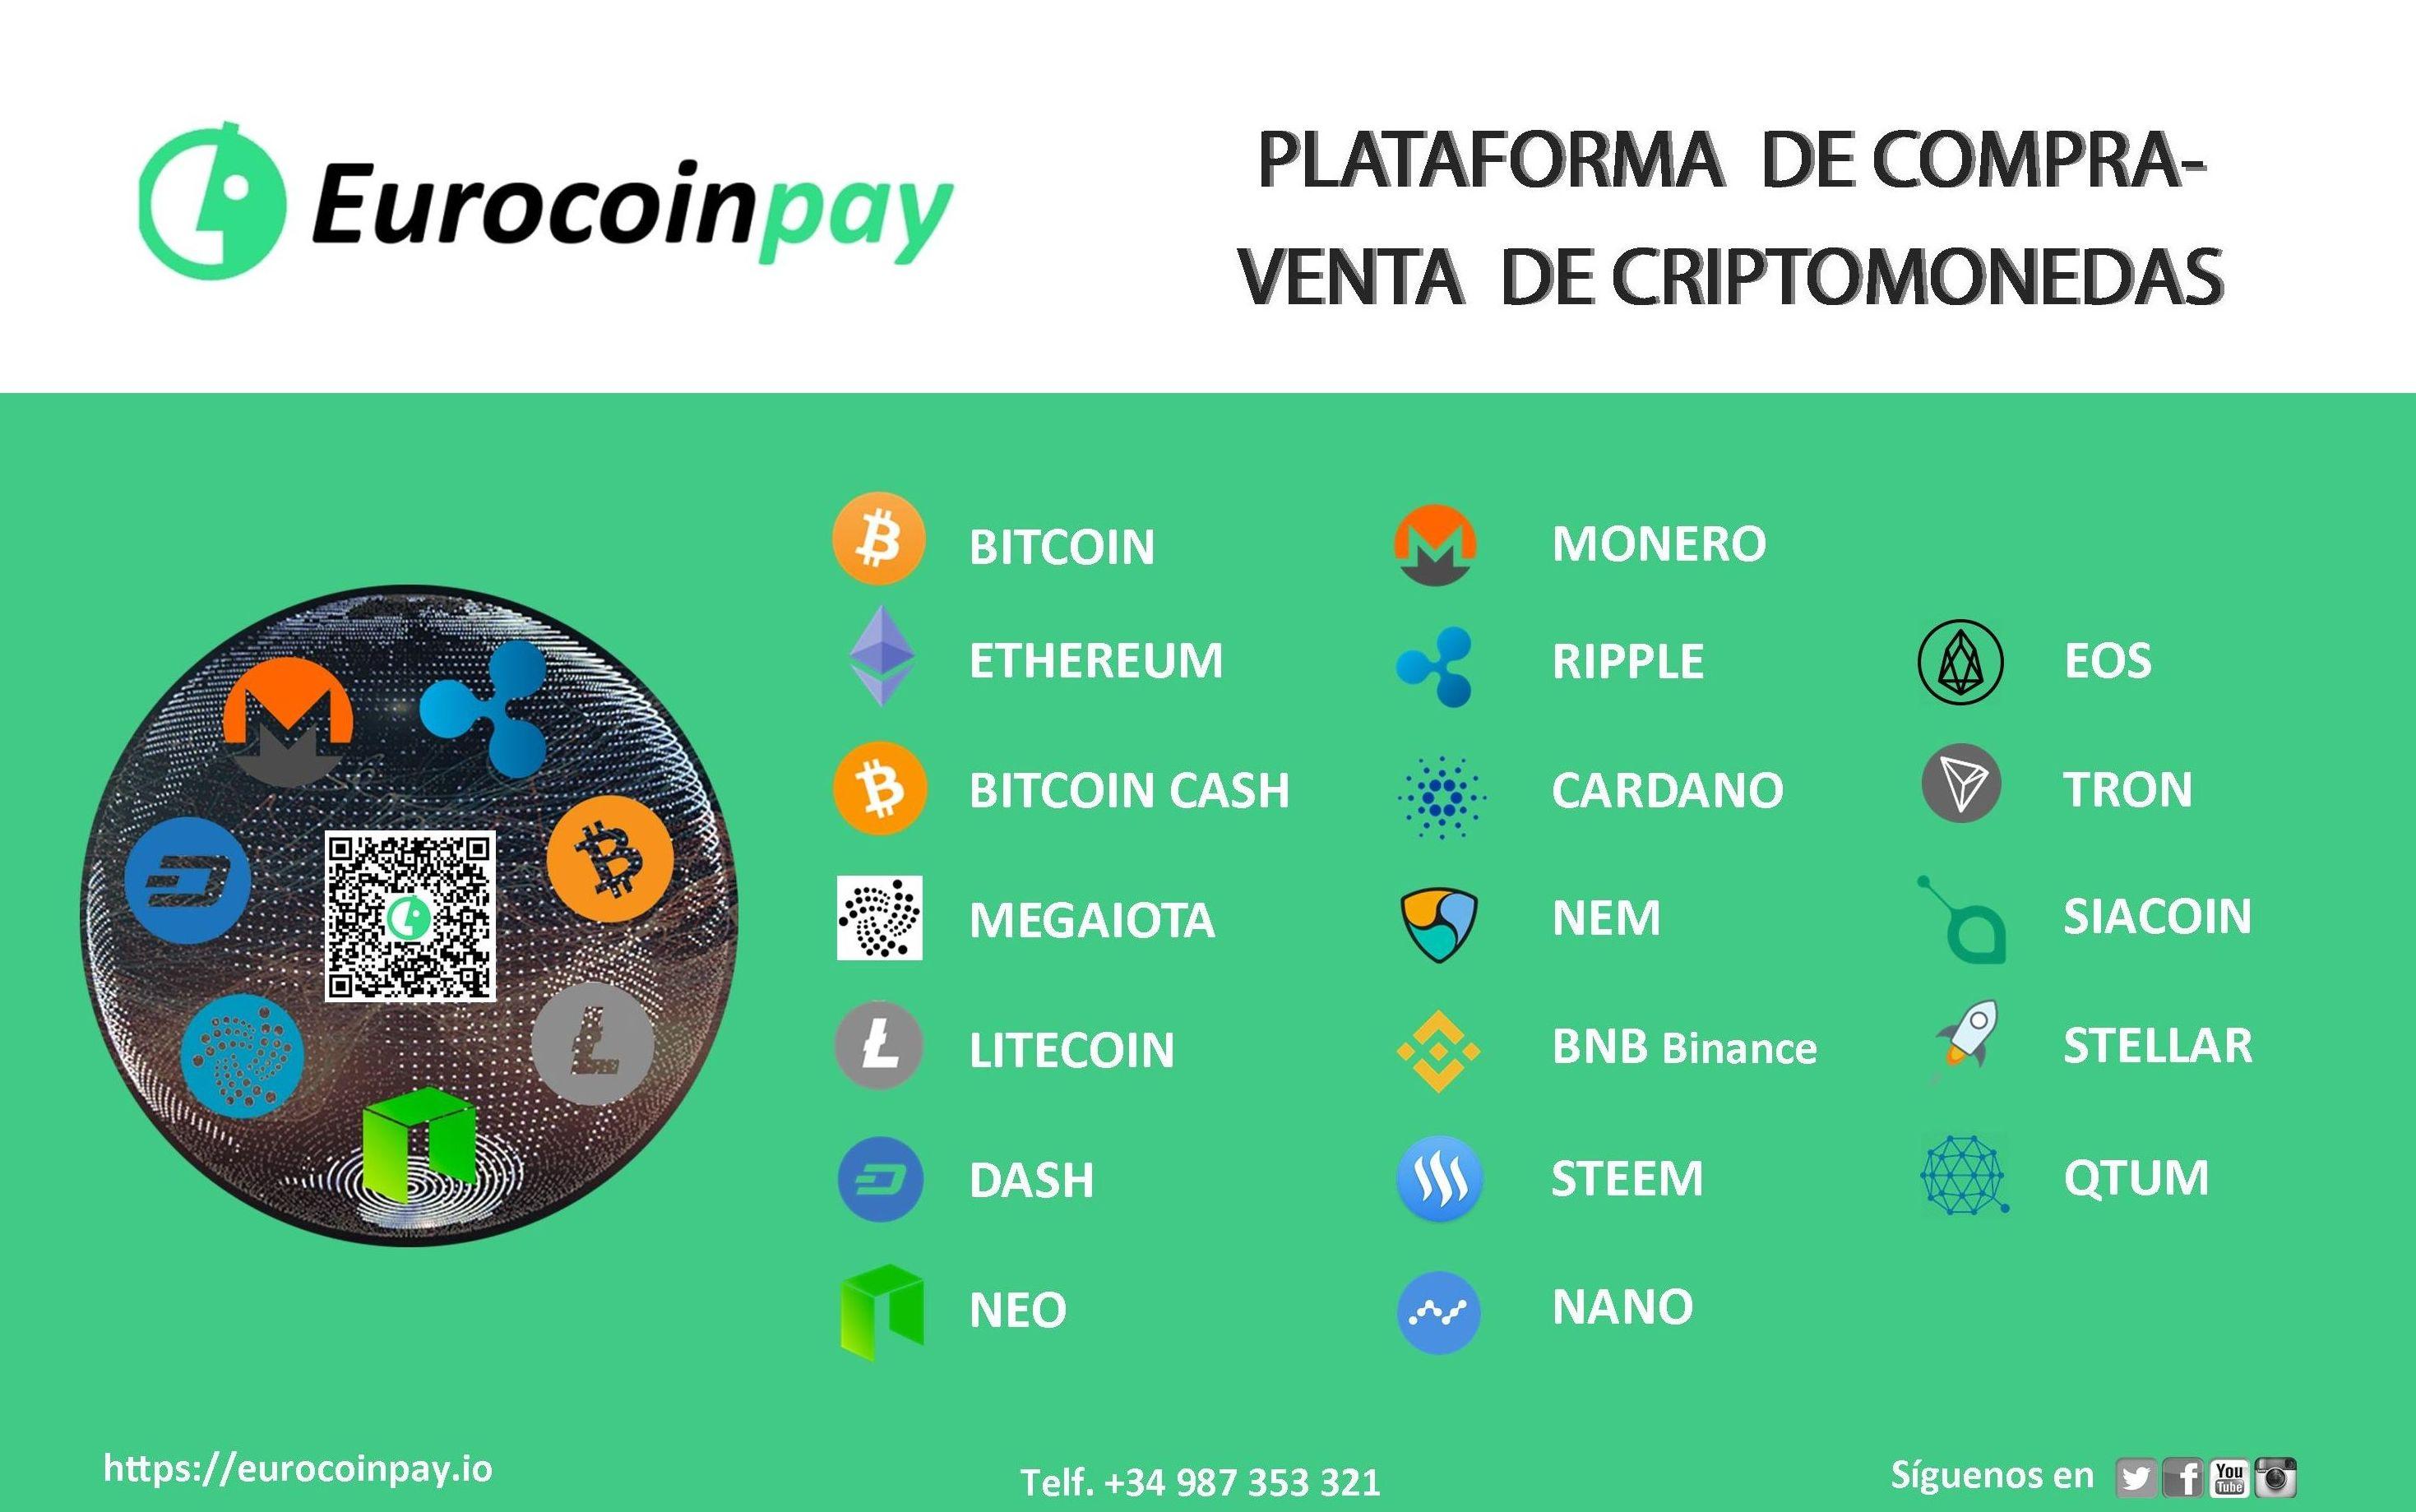 Plataforma de Compra-venta de criptomonedas con una gran propuesta de valor